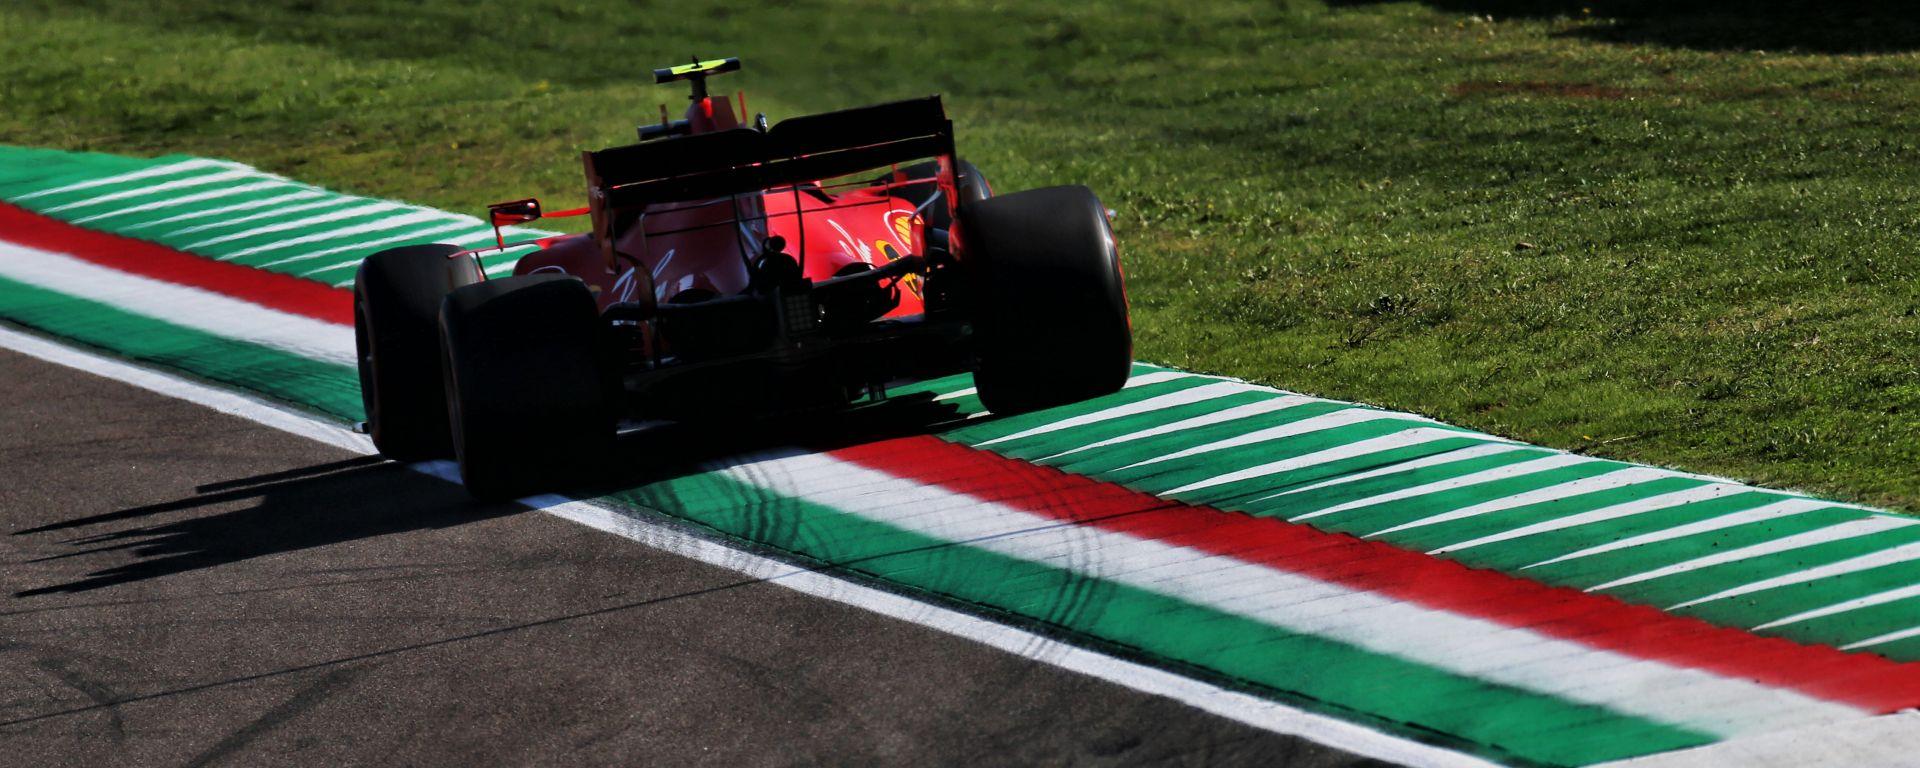 F1 2020, GP Emilia Romagna: Charles Leclerc (Ferrari) oltre i limiti della pista